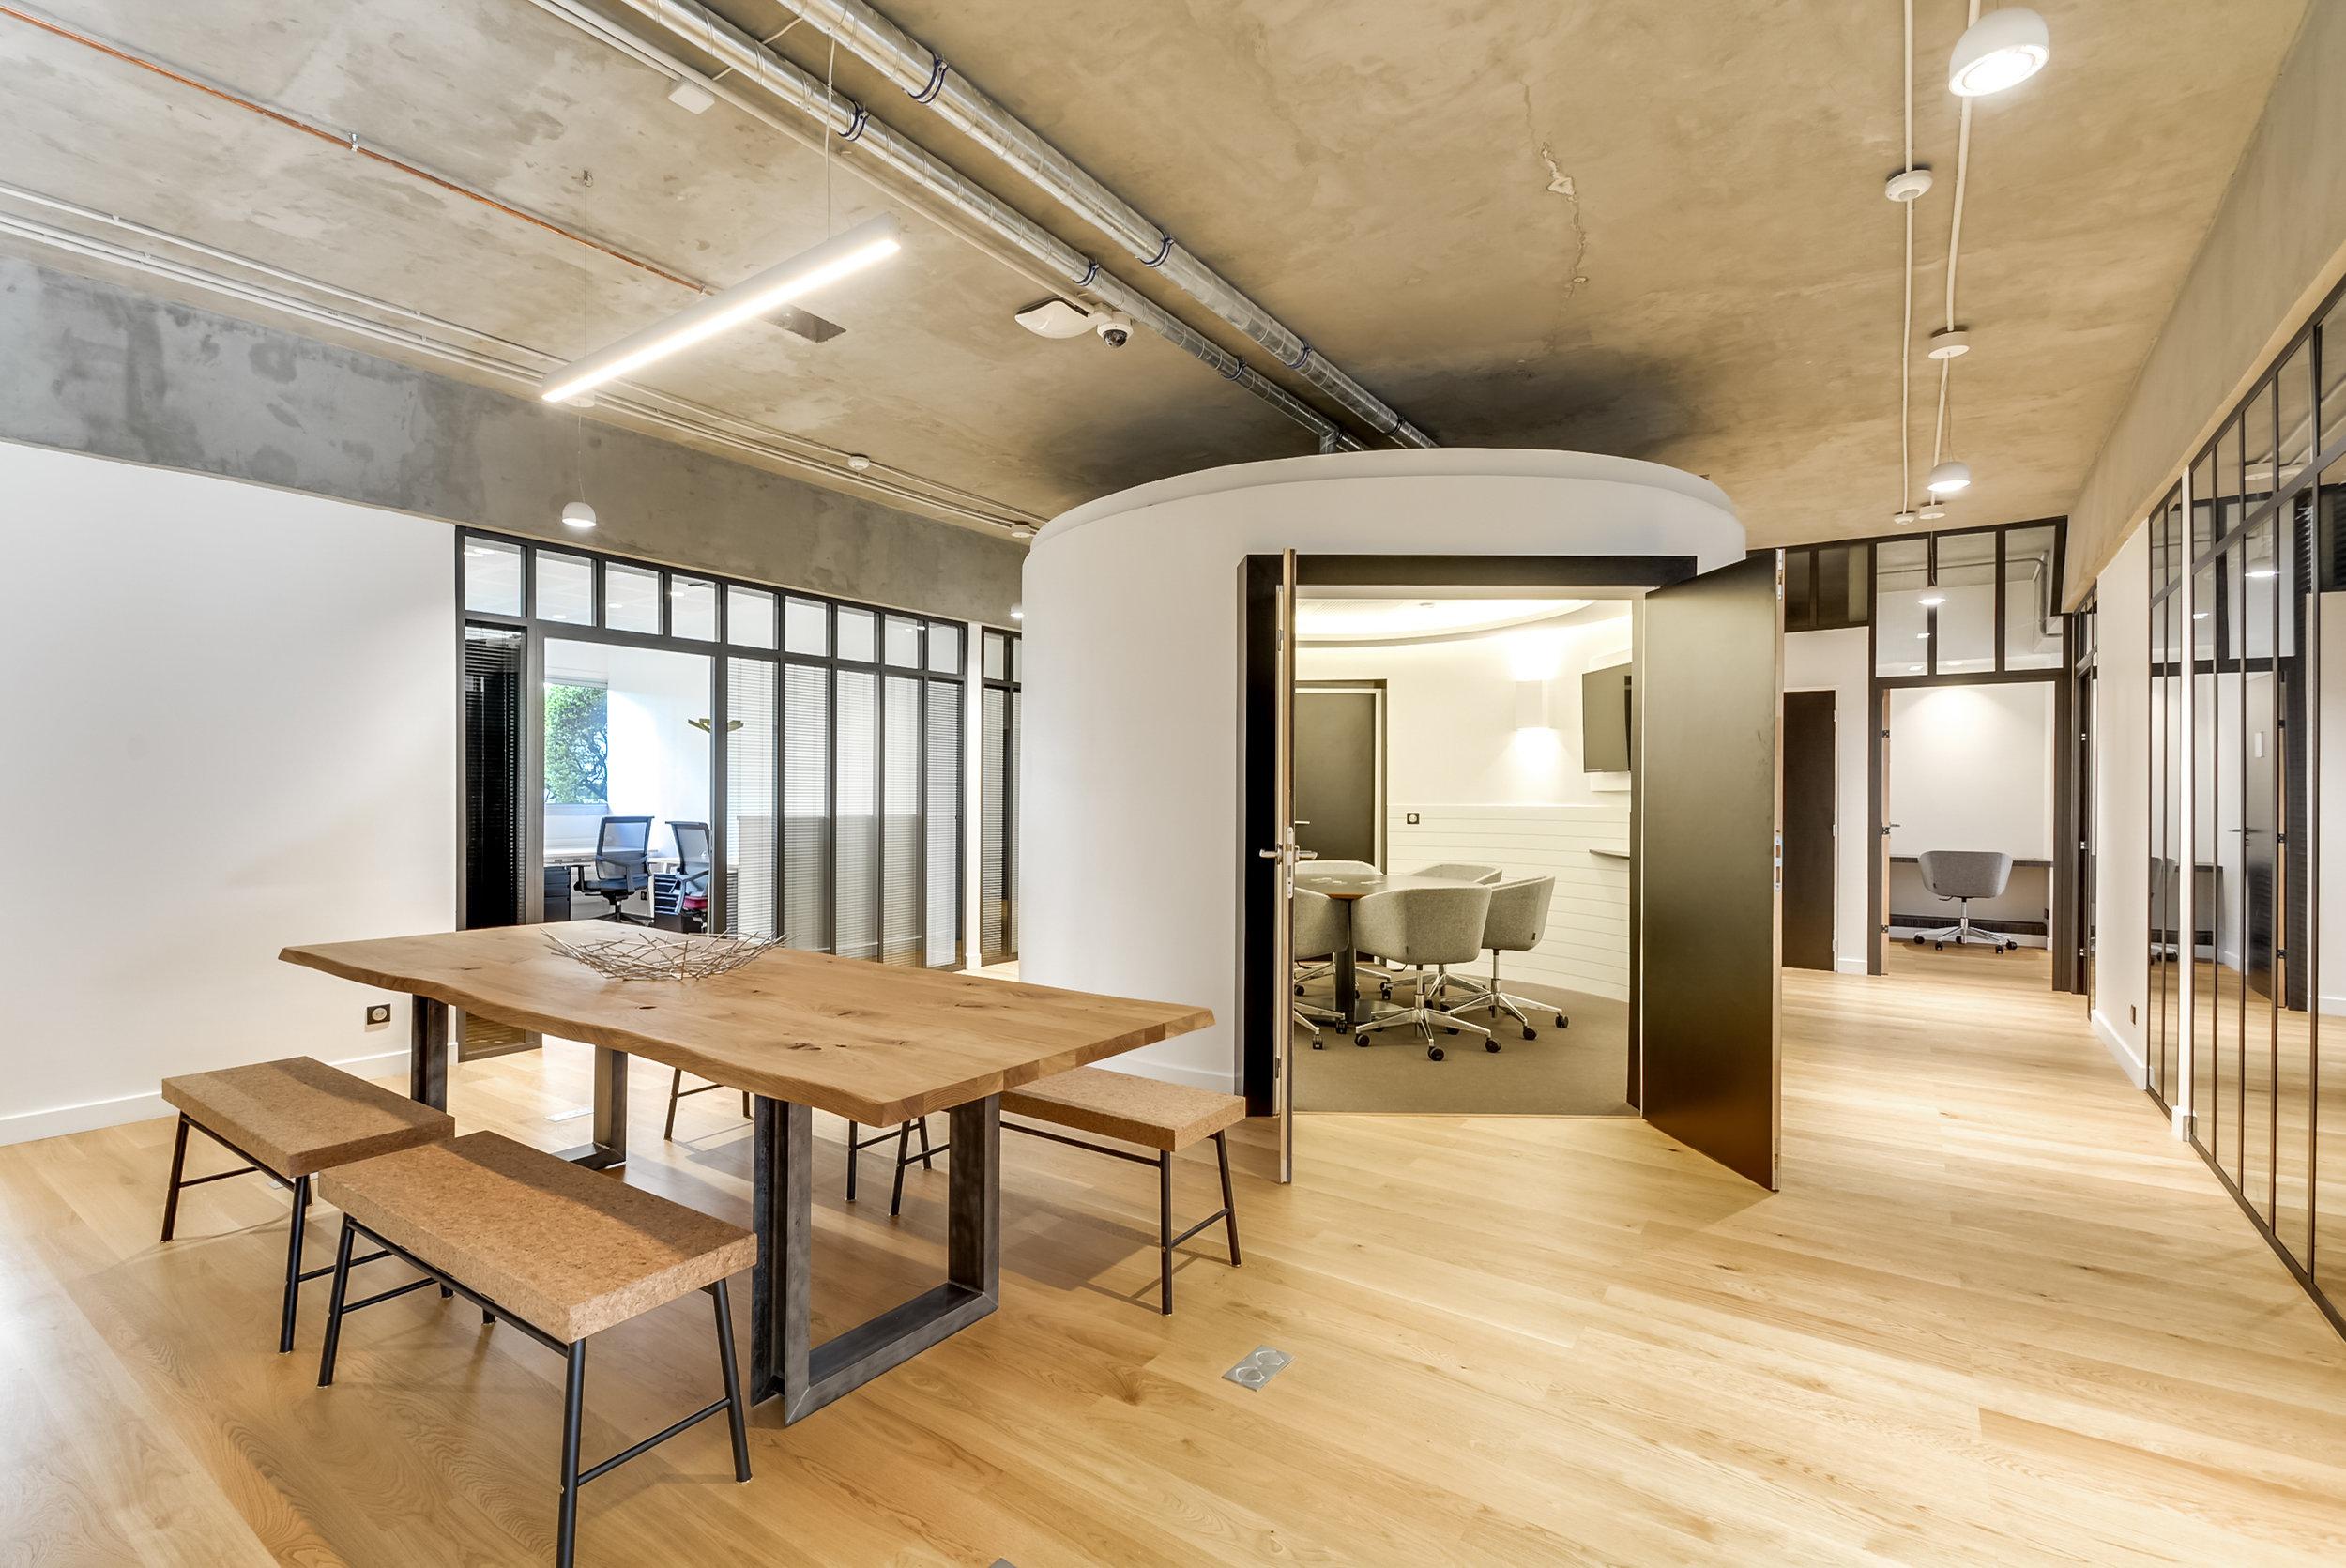 source : eliel arnold architectes d'intérieurs, coworking